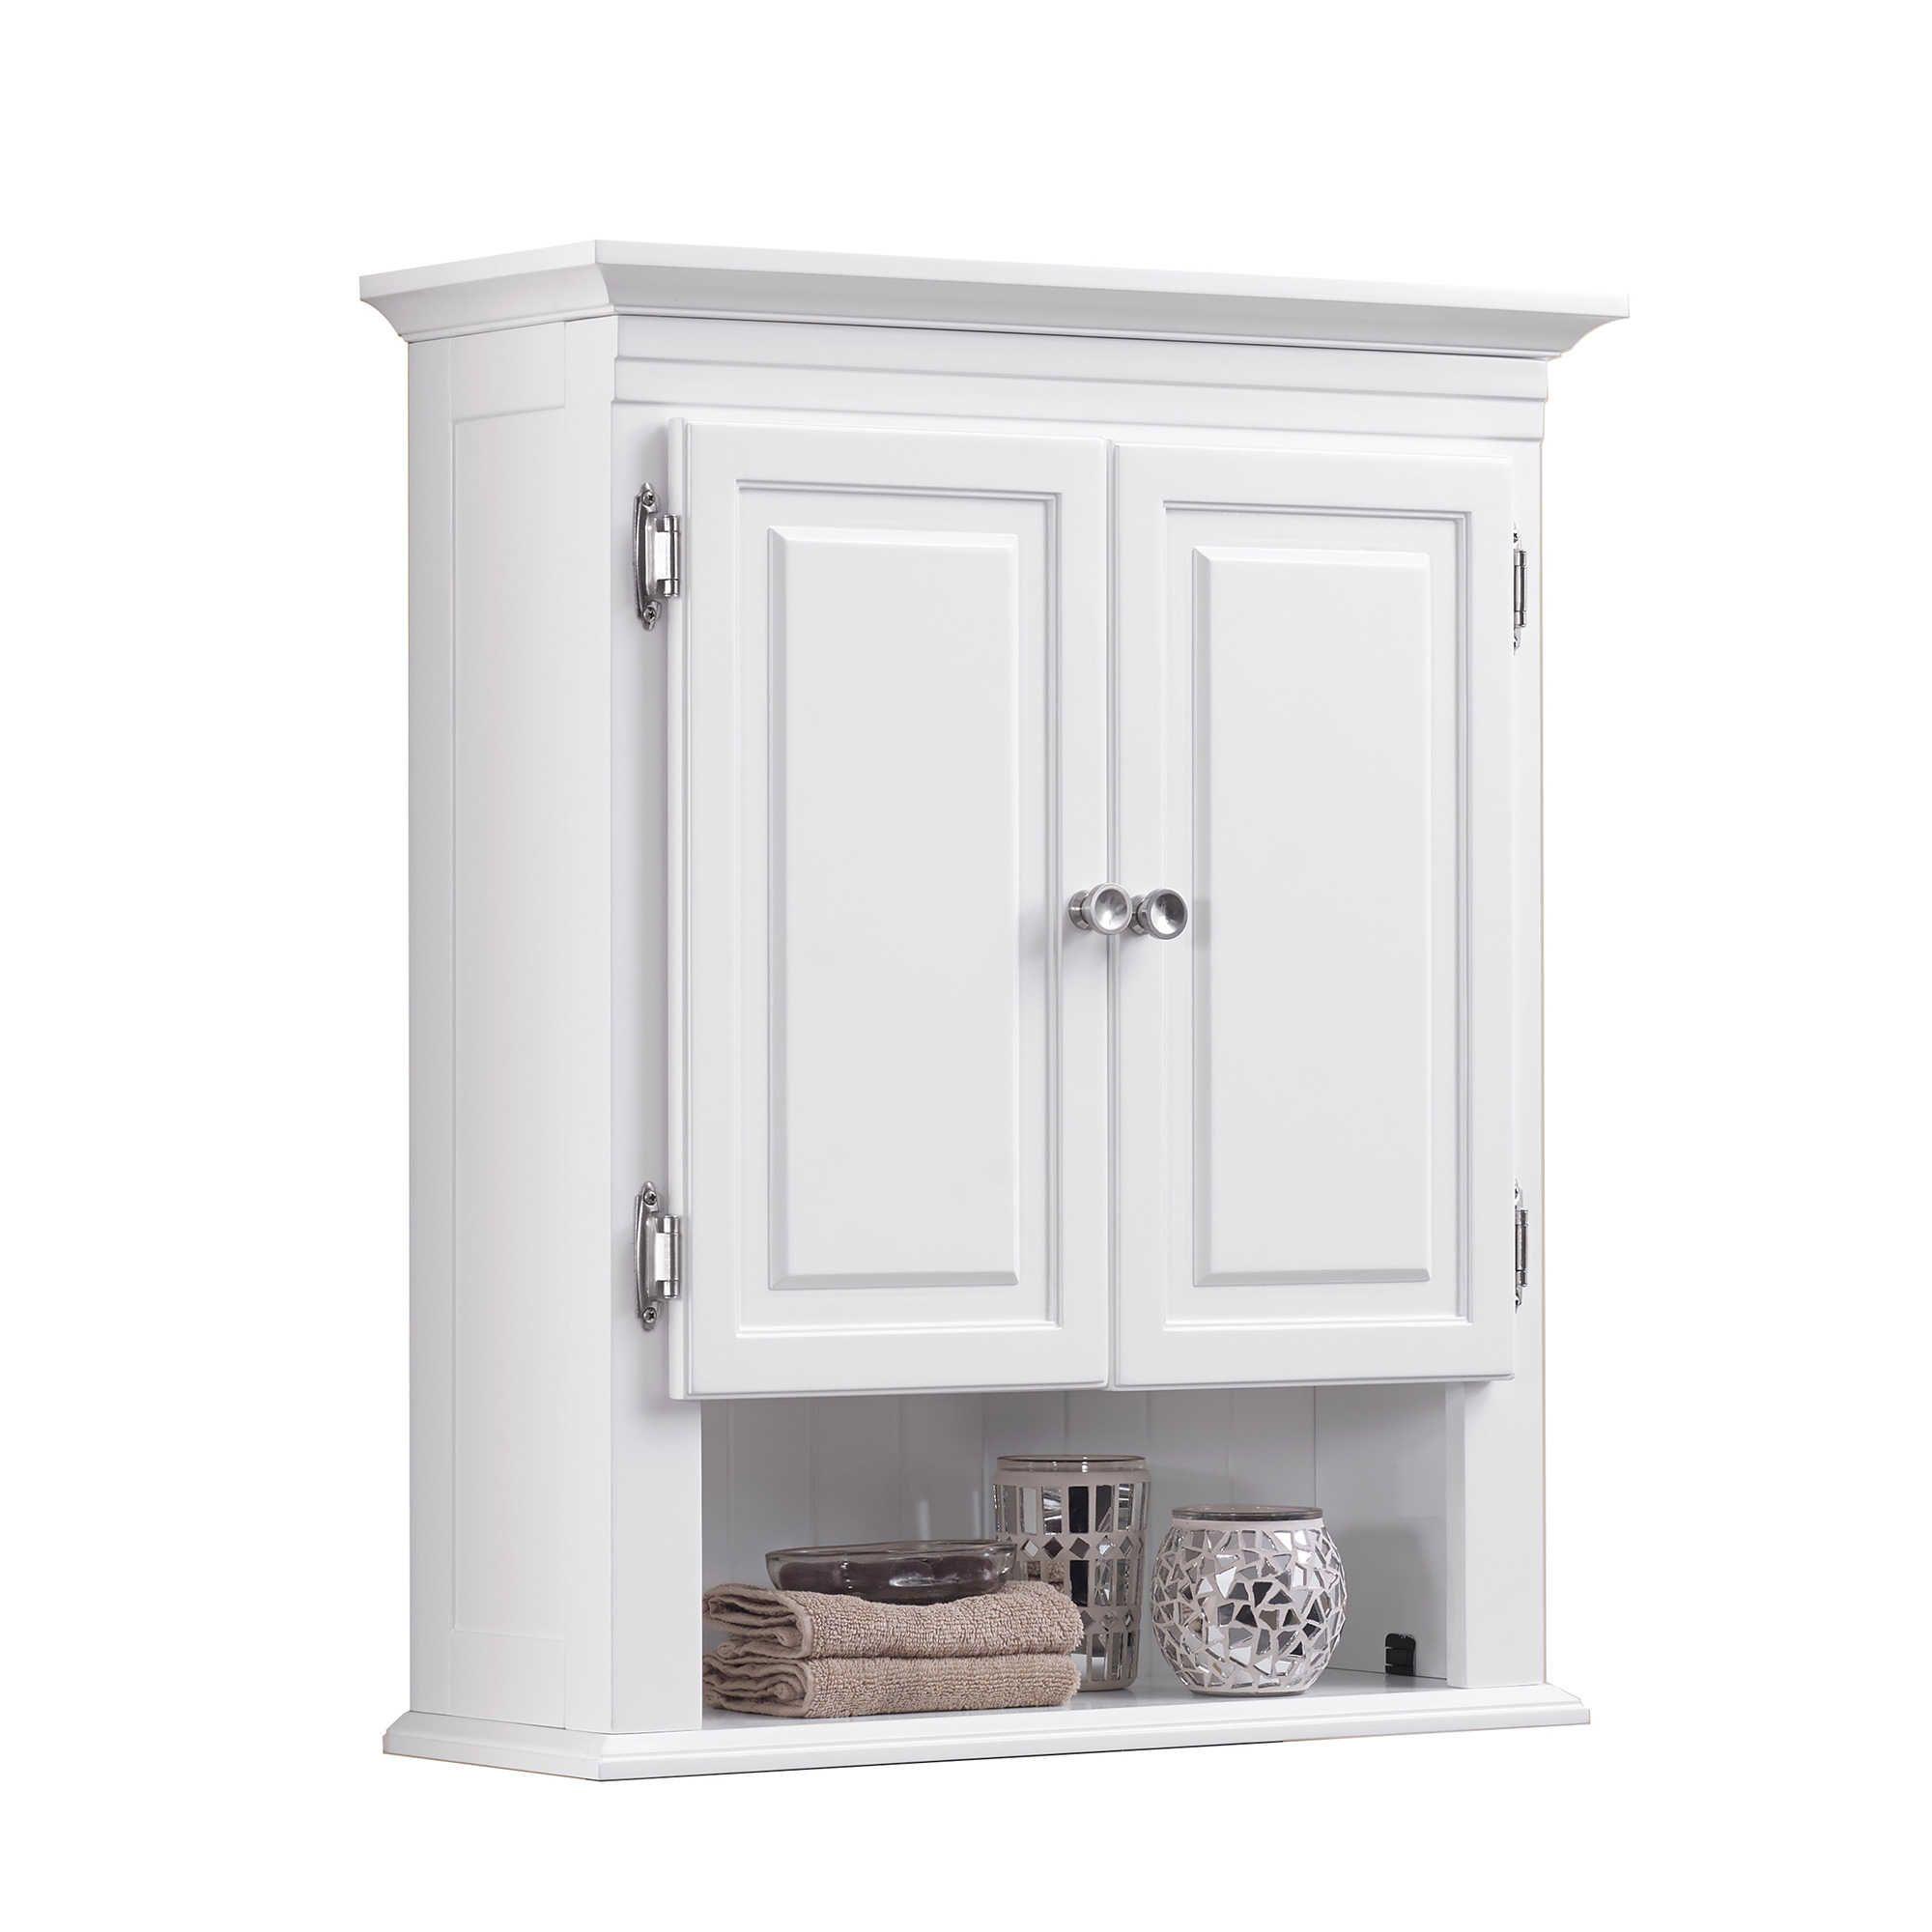 wakefield wall cabinet wall cabinet bathroom wall on wall cabinets id=85149